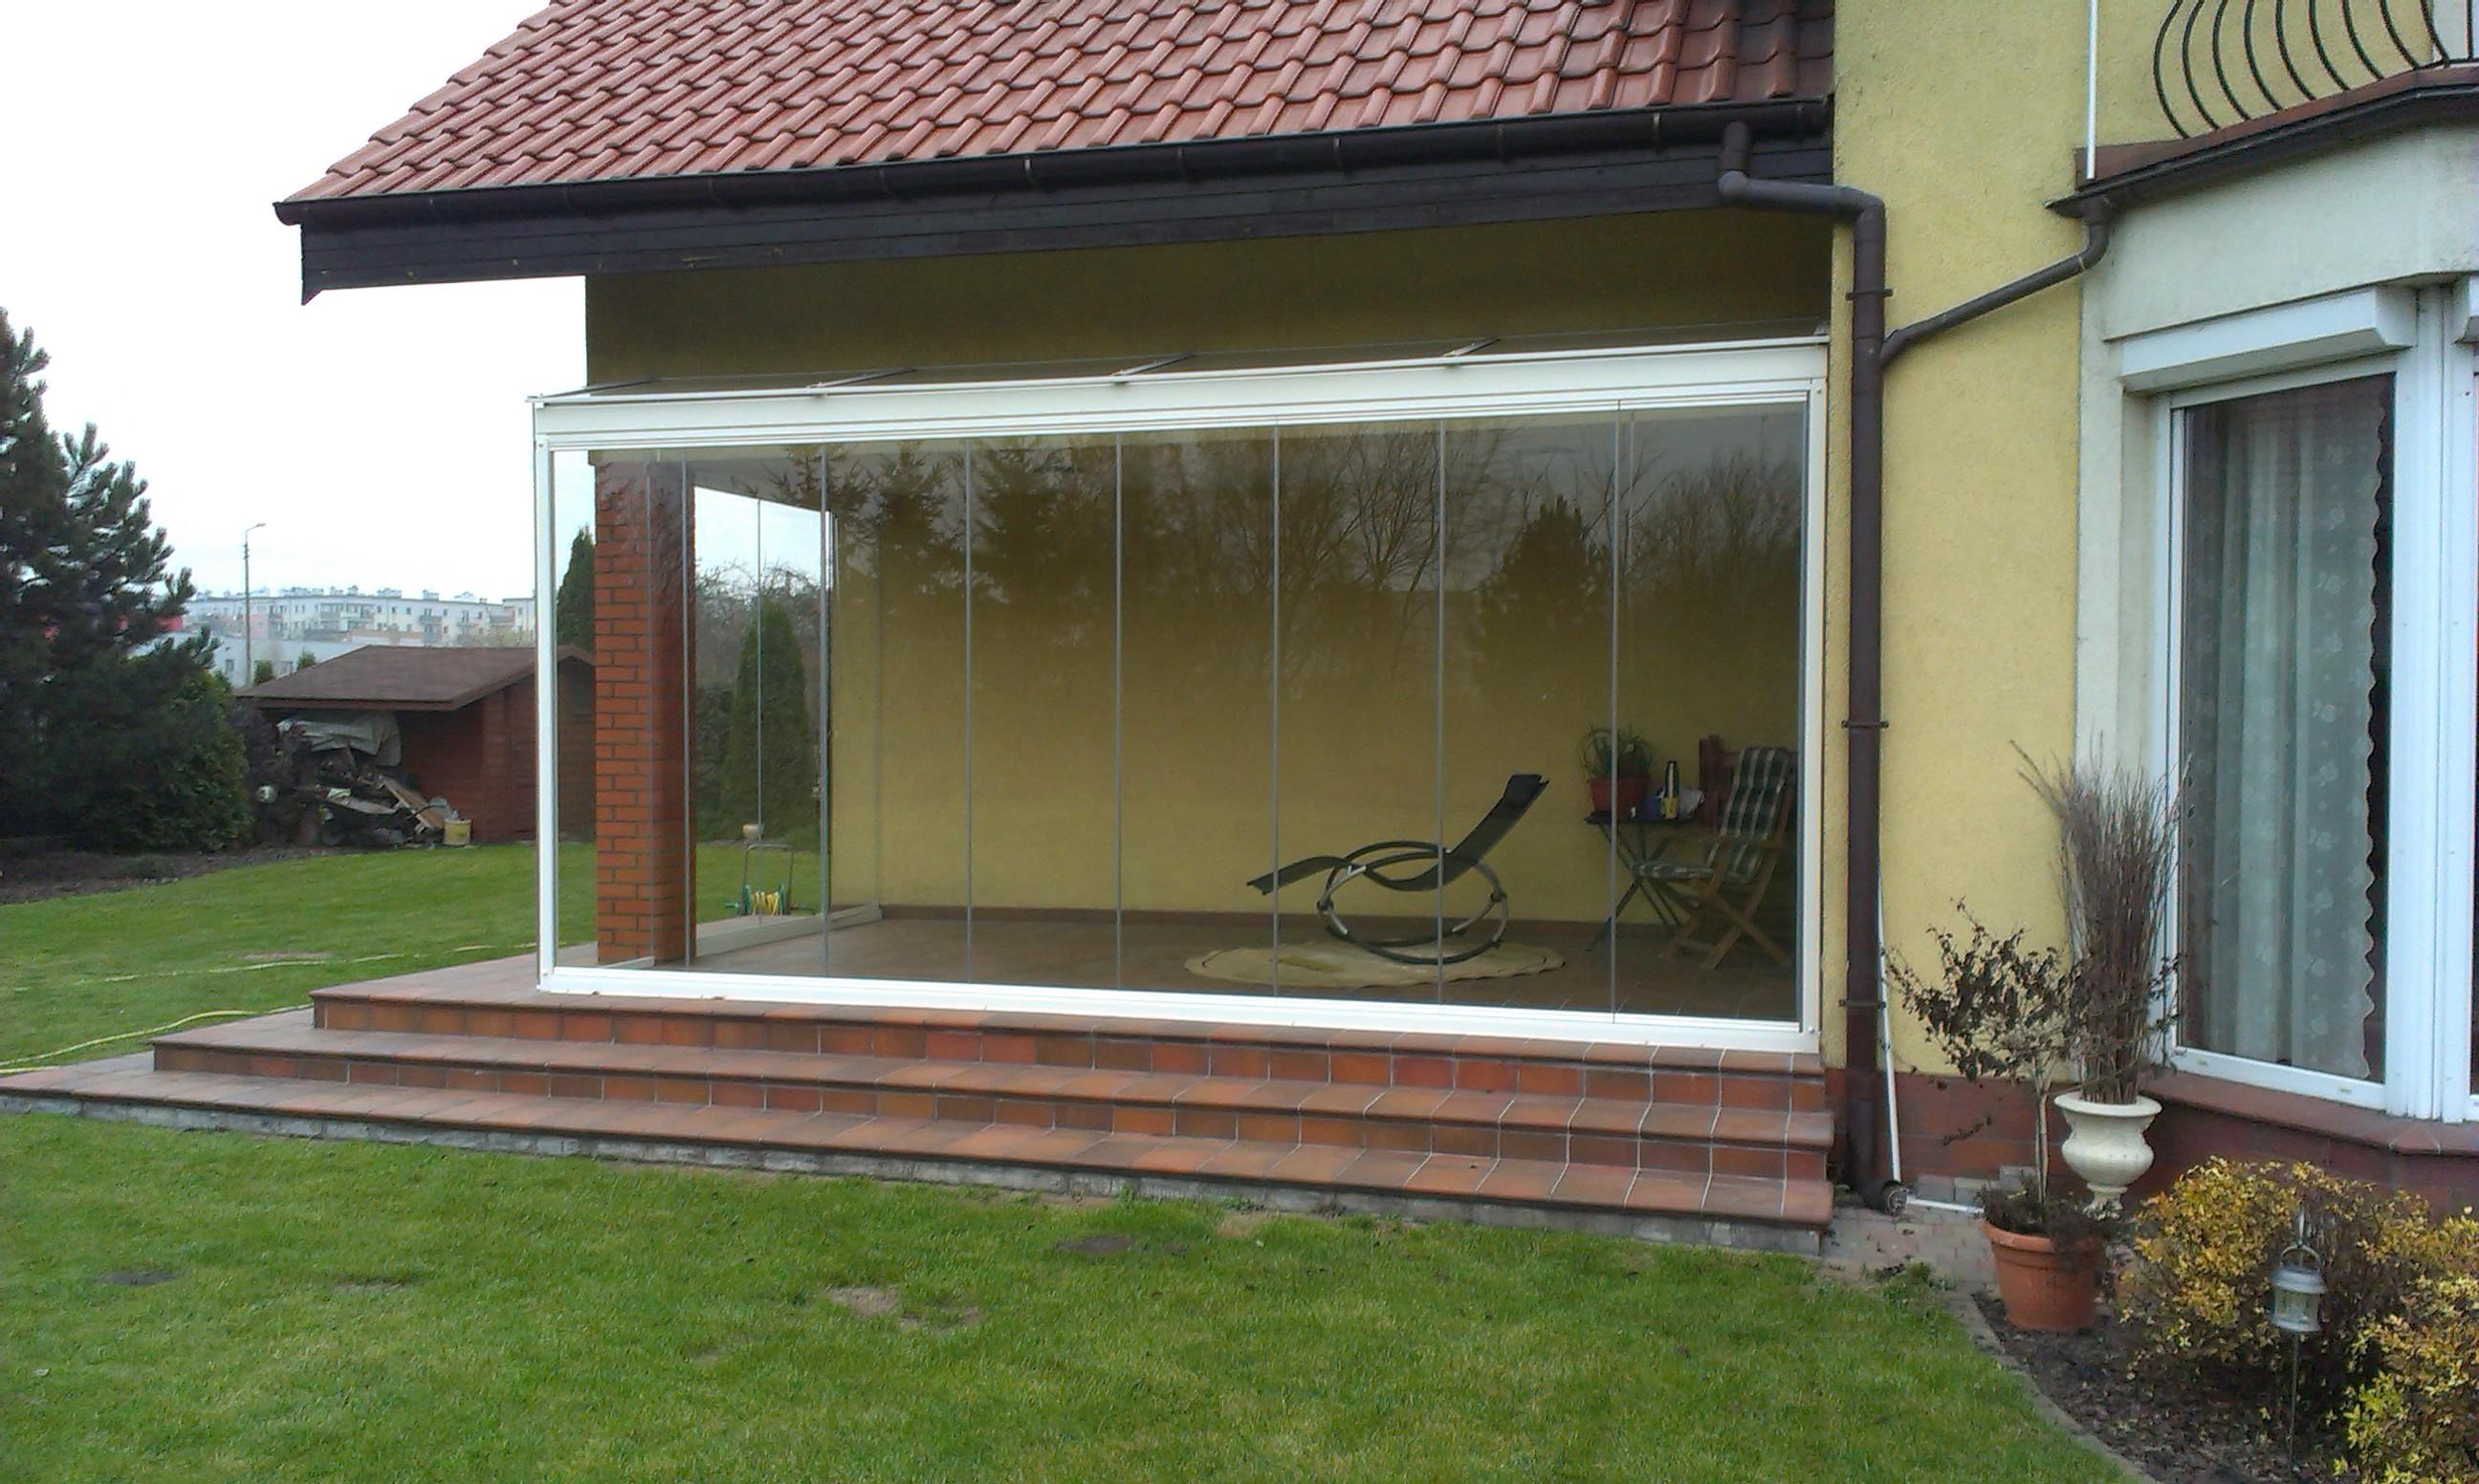 Cerramiento de cristal para porche en Poznan